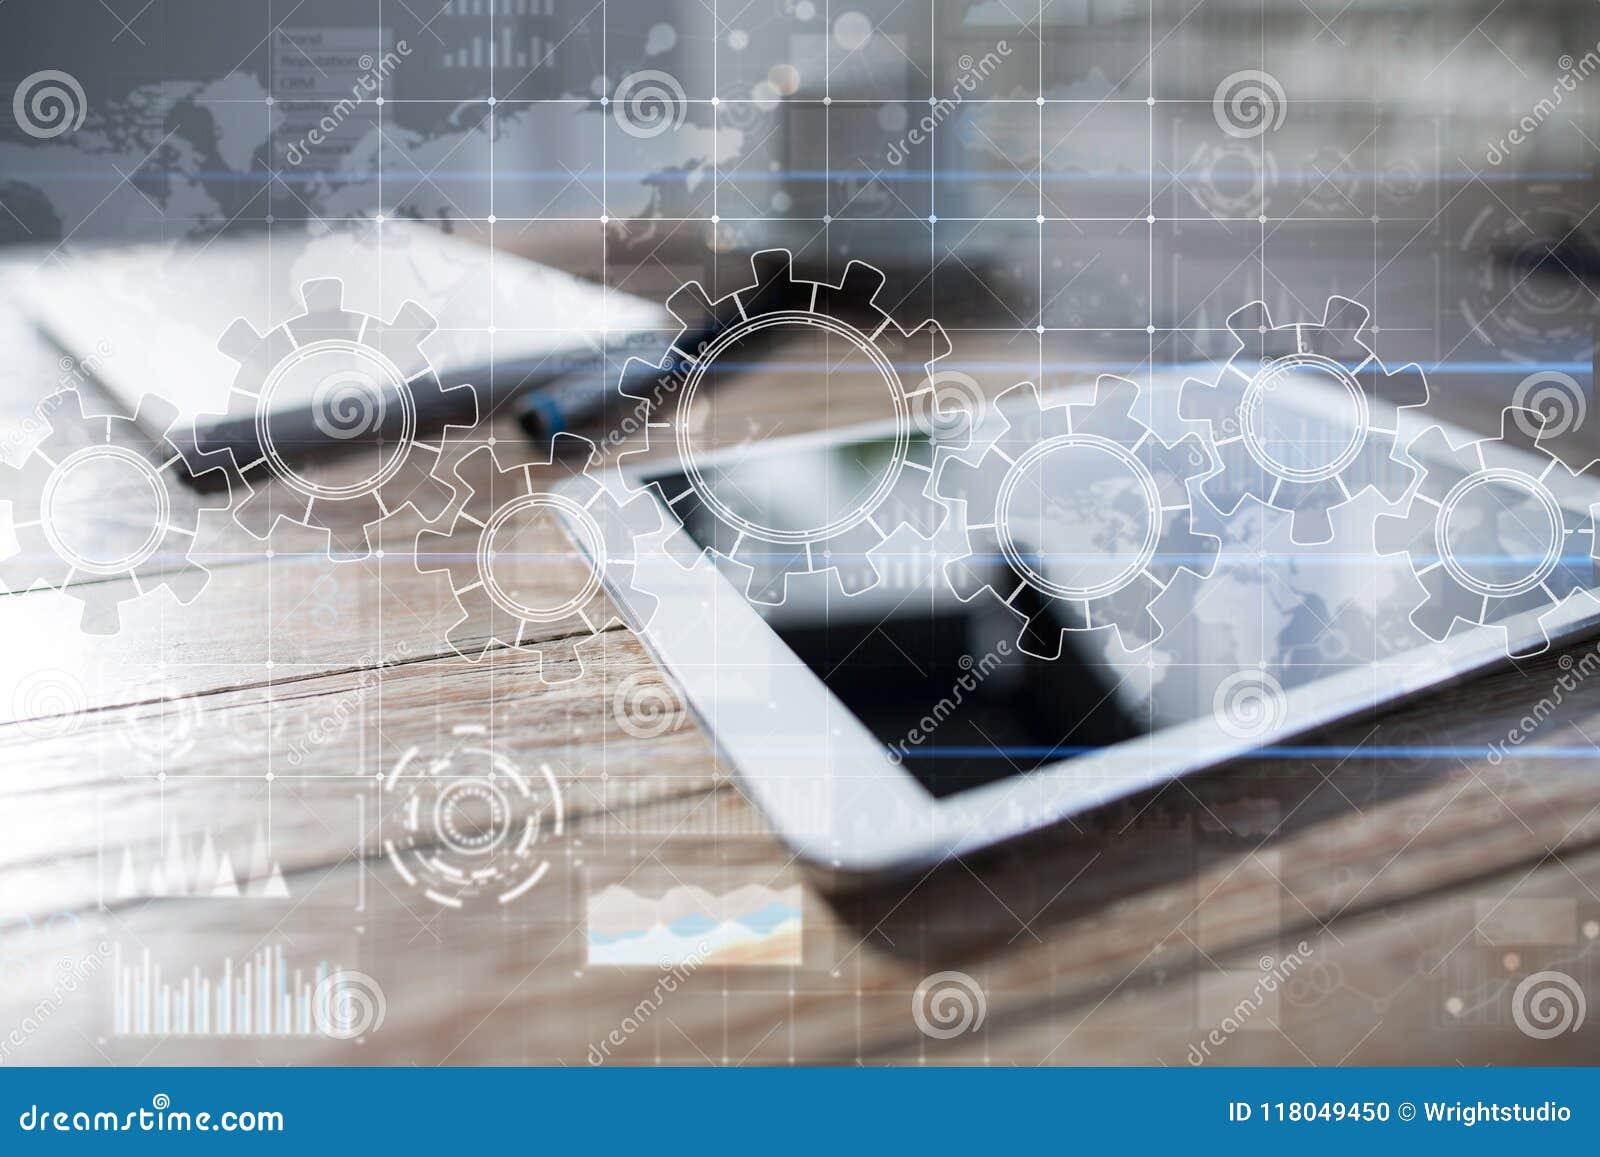 Ingranaggi sullo schermo virtuale Strategia aziendale e concetto di tecnologia Processo di automazione